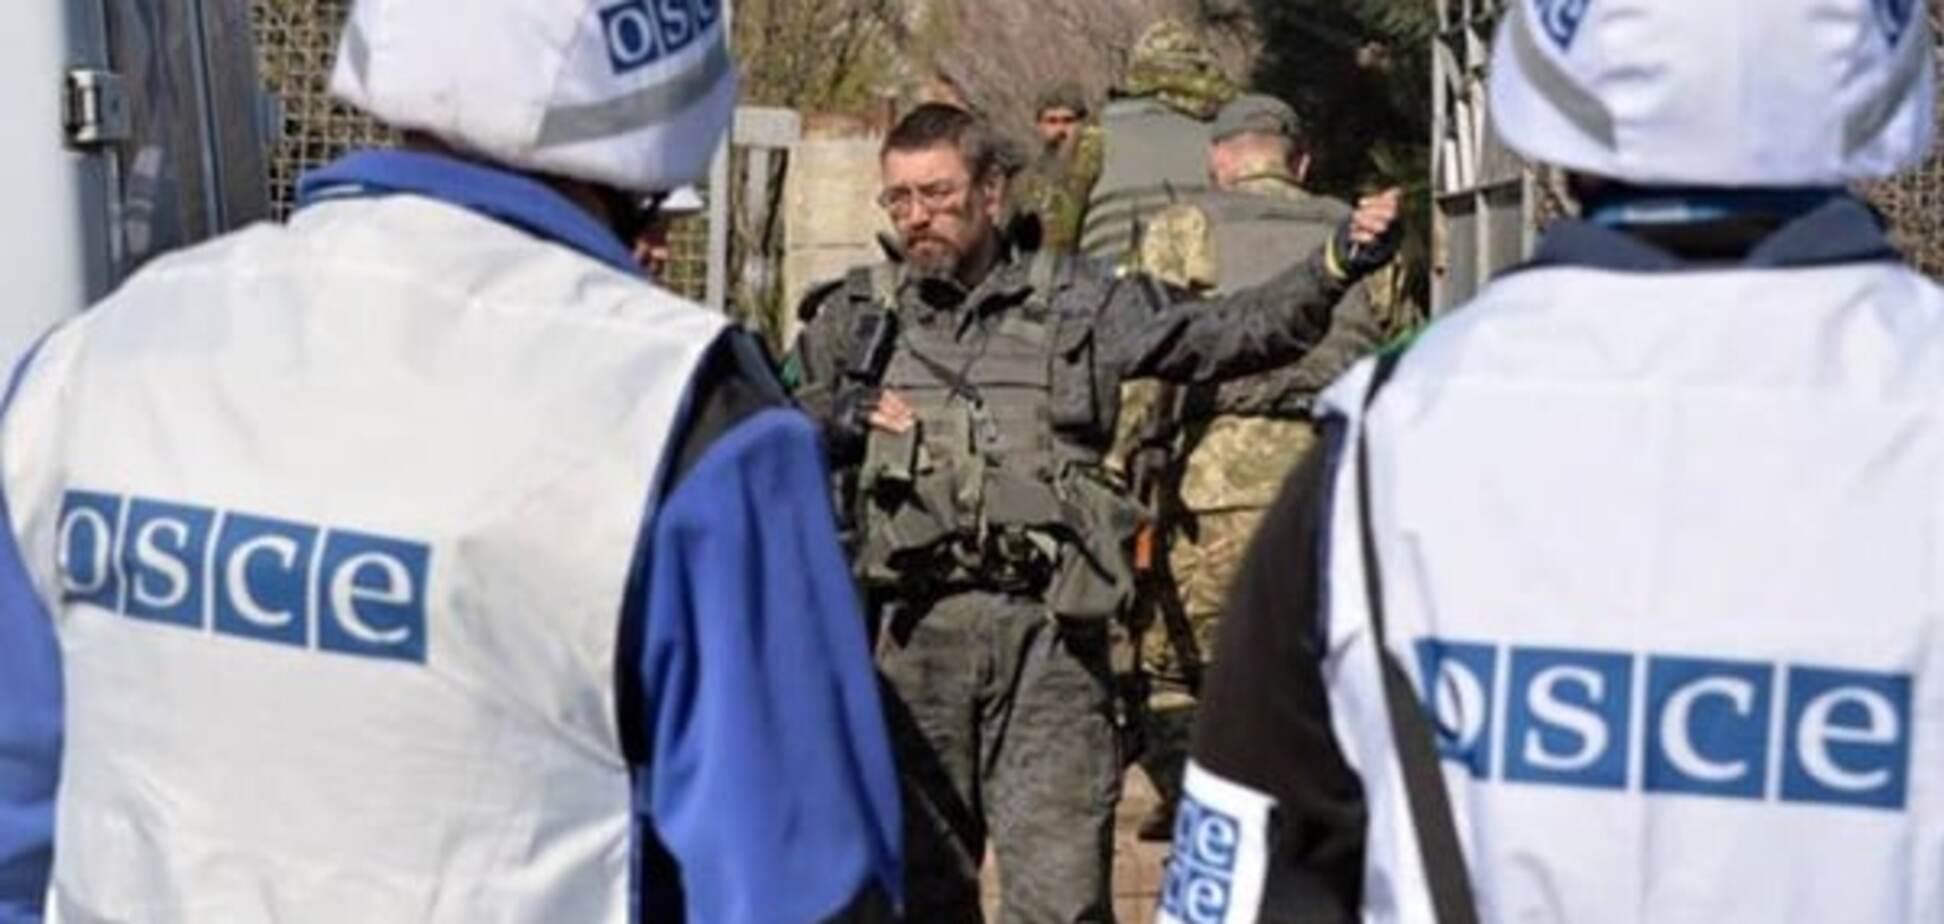 Збройна місія повинна бути під егідою ОБСЄ